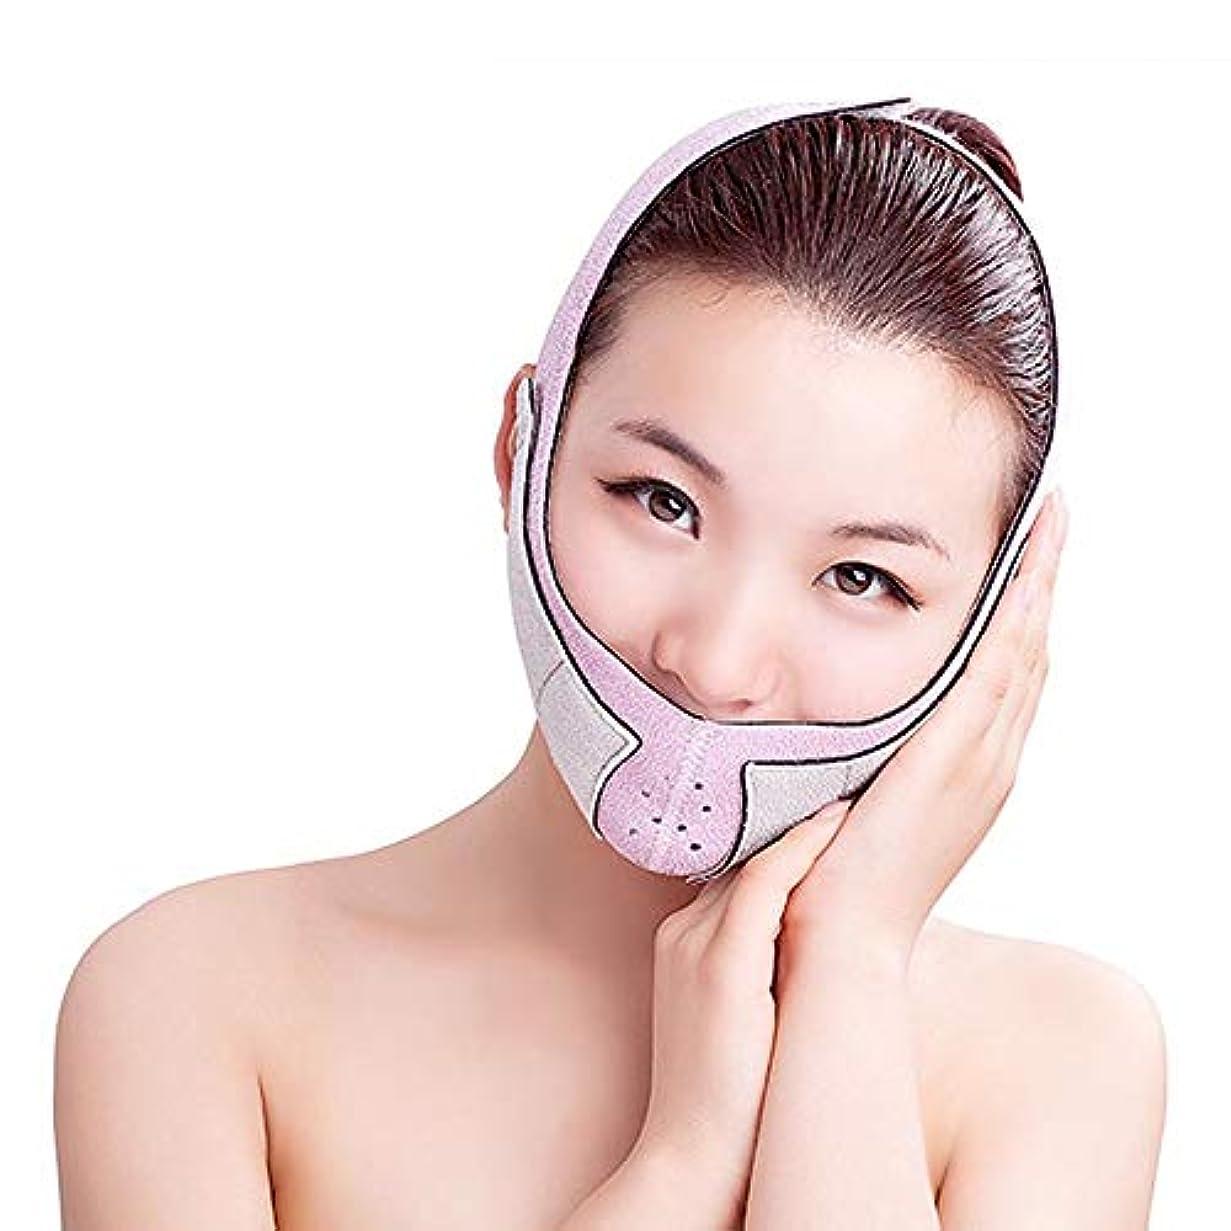 お誕生日非常にメロドラマティック薄い顔のベルト - 薄い顔のベルト通気性の補正3D薄い顔のV顔のベルトの包帯薄い顔のアーティファクト (色 : B)